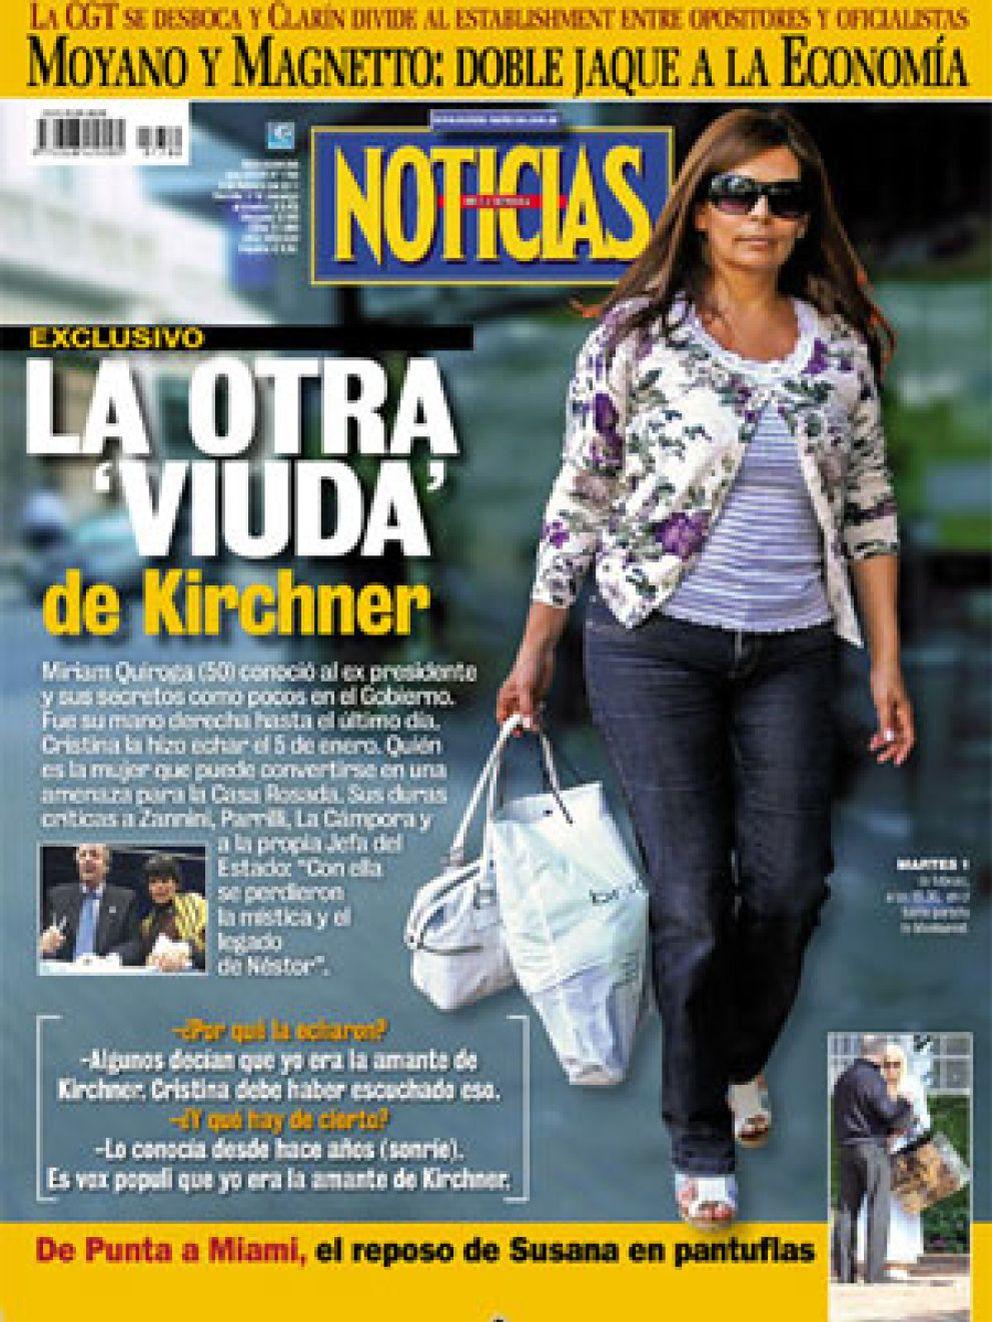 La otra viuda de n stor kirchner la secretaria del ex for Revistas del espectaculo argentino